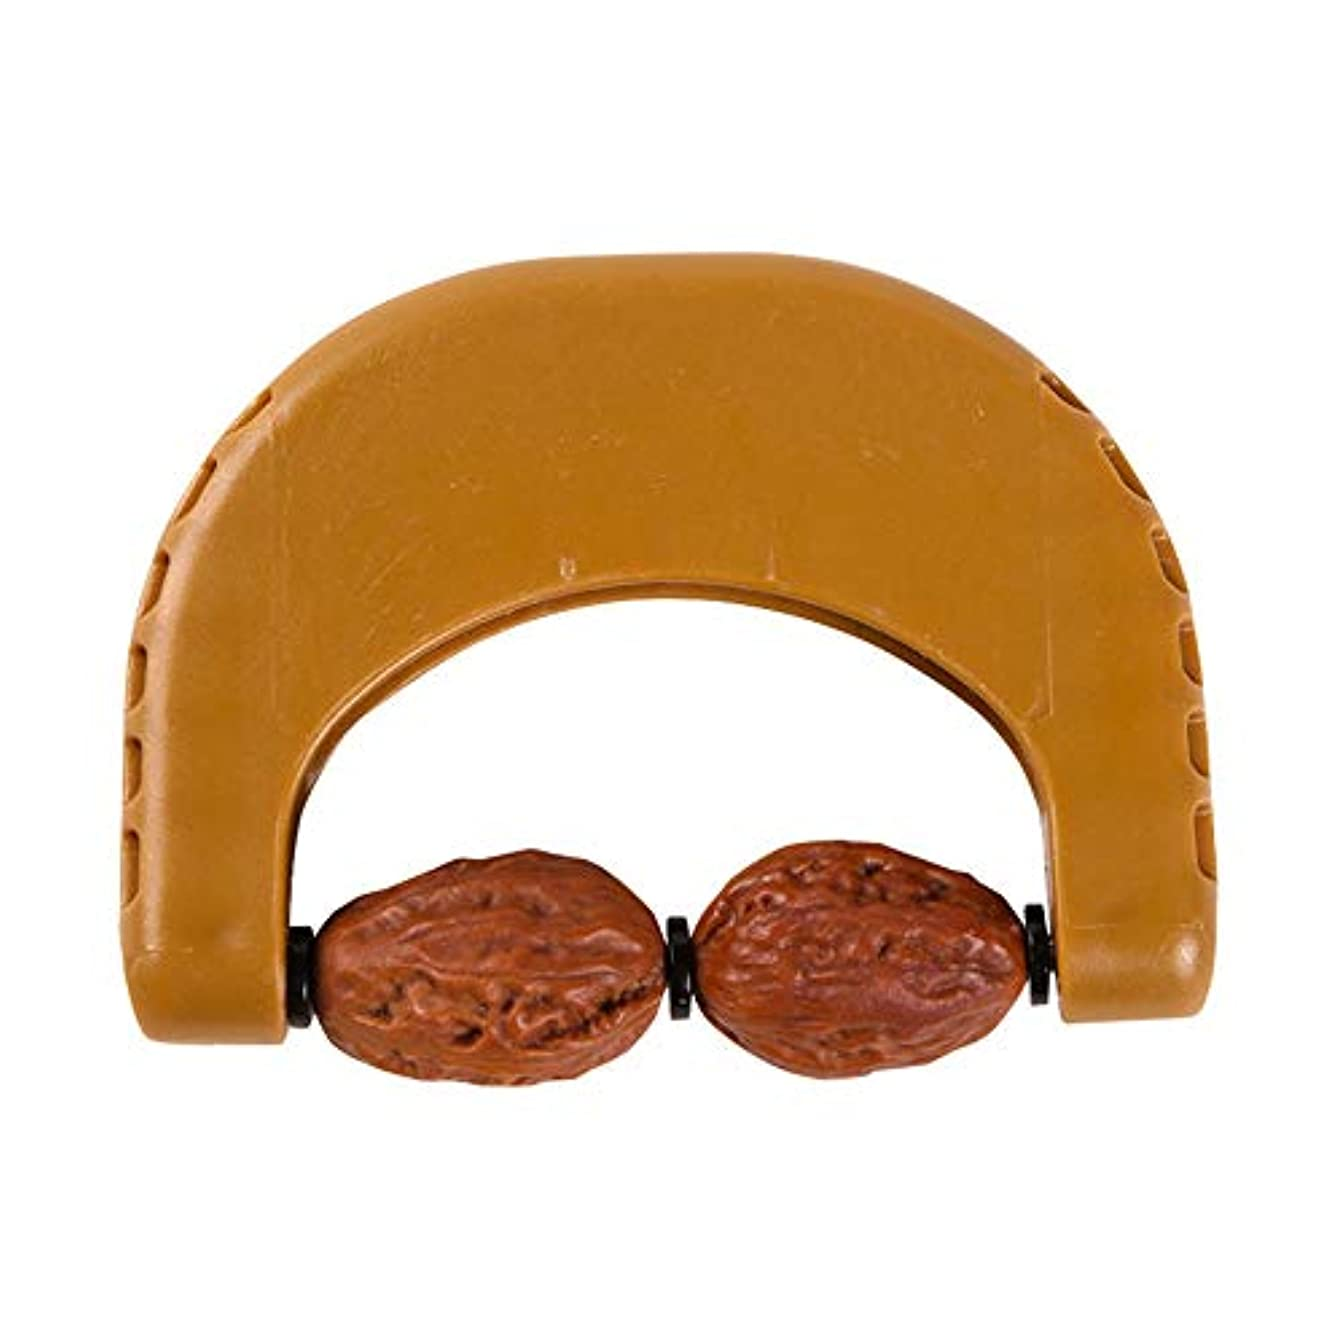 交換可能エジプト長々と手動ネック子宮頸マッサージ器、角度ホブ、ローラー設計、ADSプラスチックハンドル、防水性と耐摩耗性、経絡を通過、健康な体